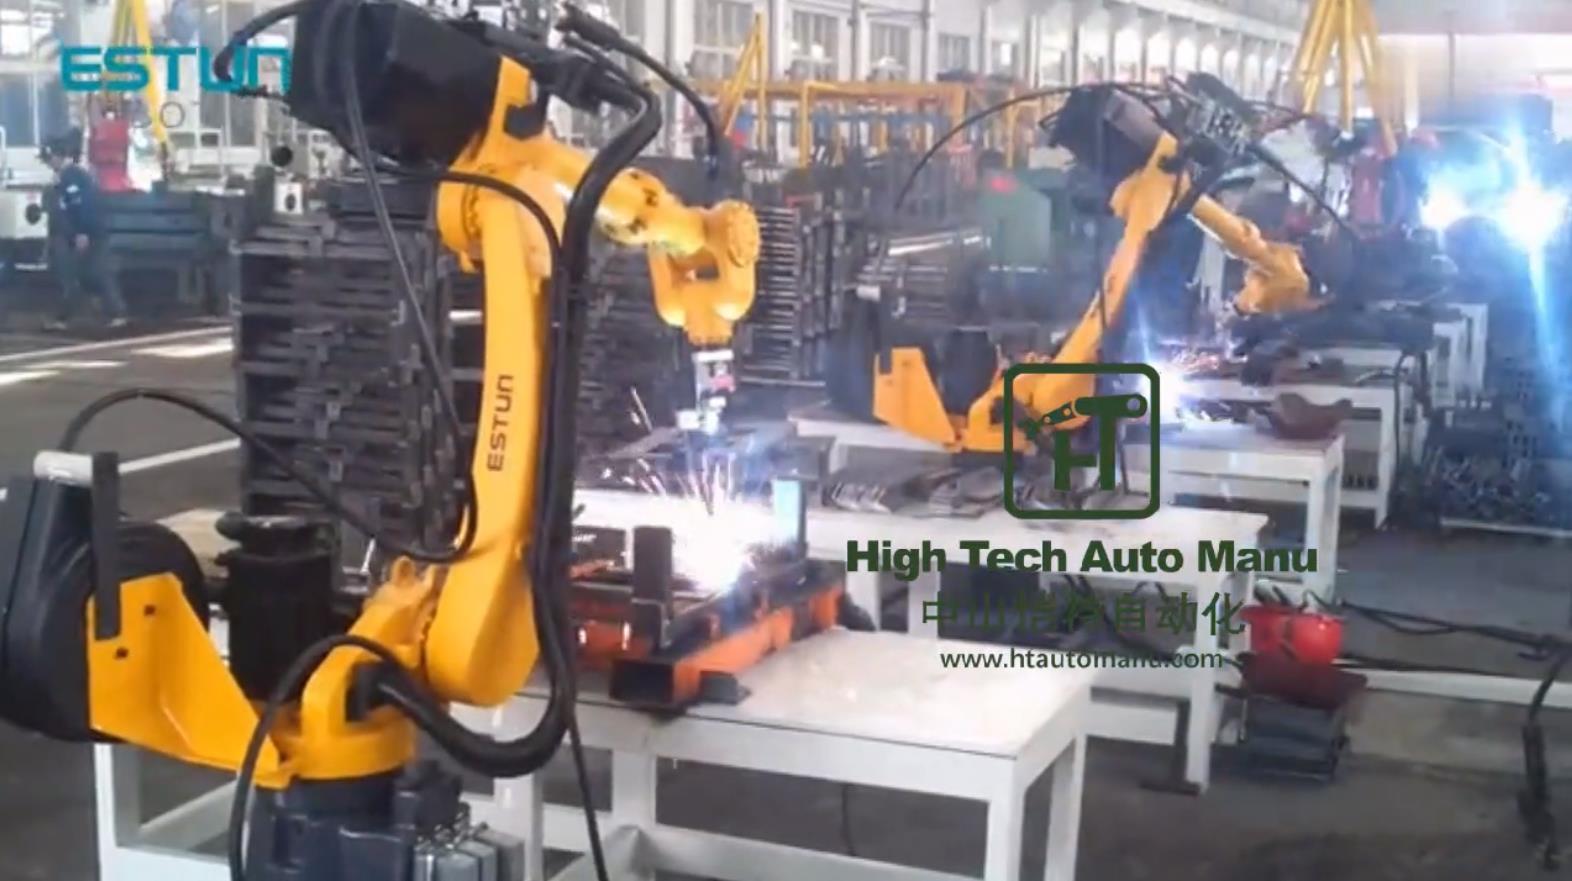 铁支架自动焊接机器人